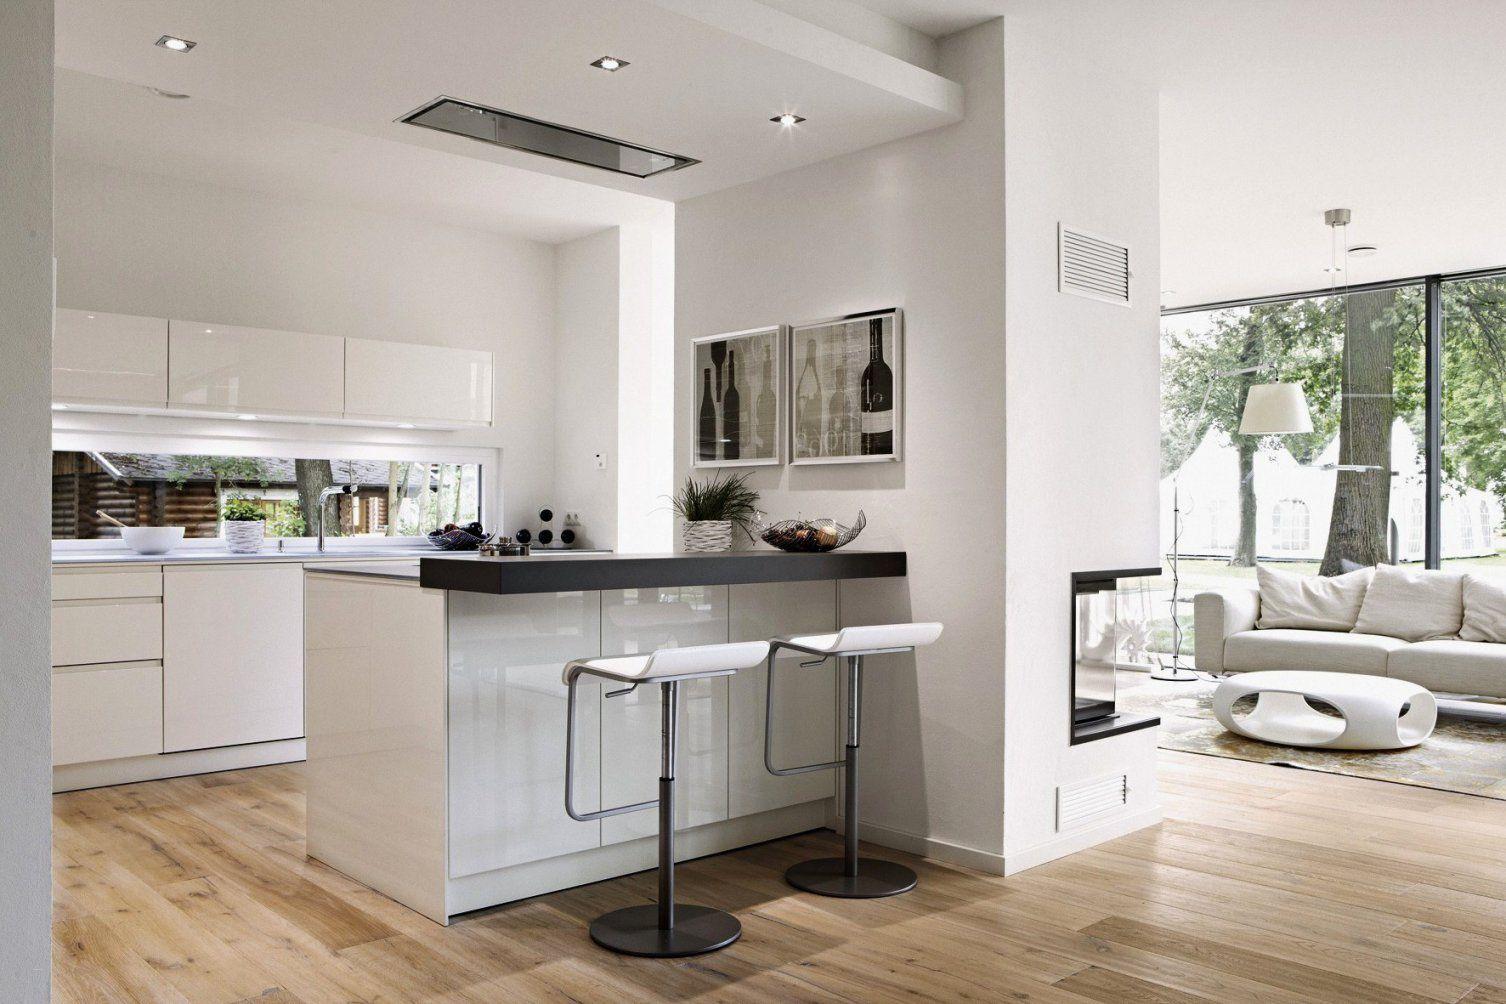 35 Inspirierend Ideen Offene Küche Wohnzimmer  Küchen Inspiration von Wohnzimmer Mit Küche Ideen Bild